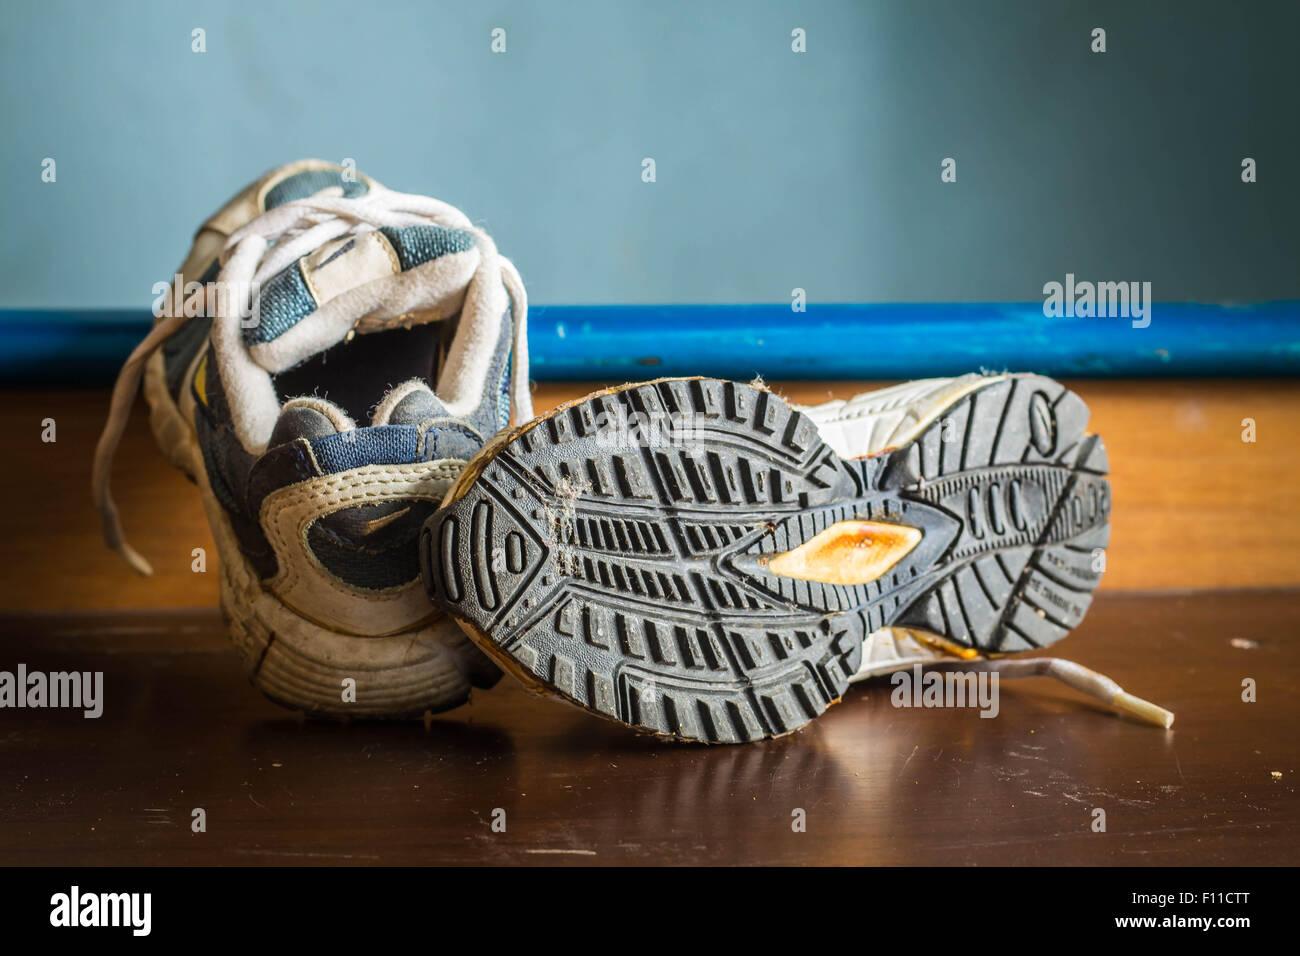 Vieilles chaussures de sport à une semelles de chaussures. Photo Stock